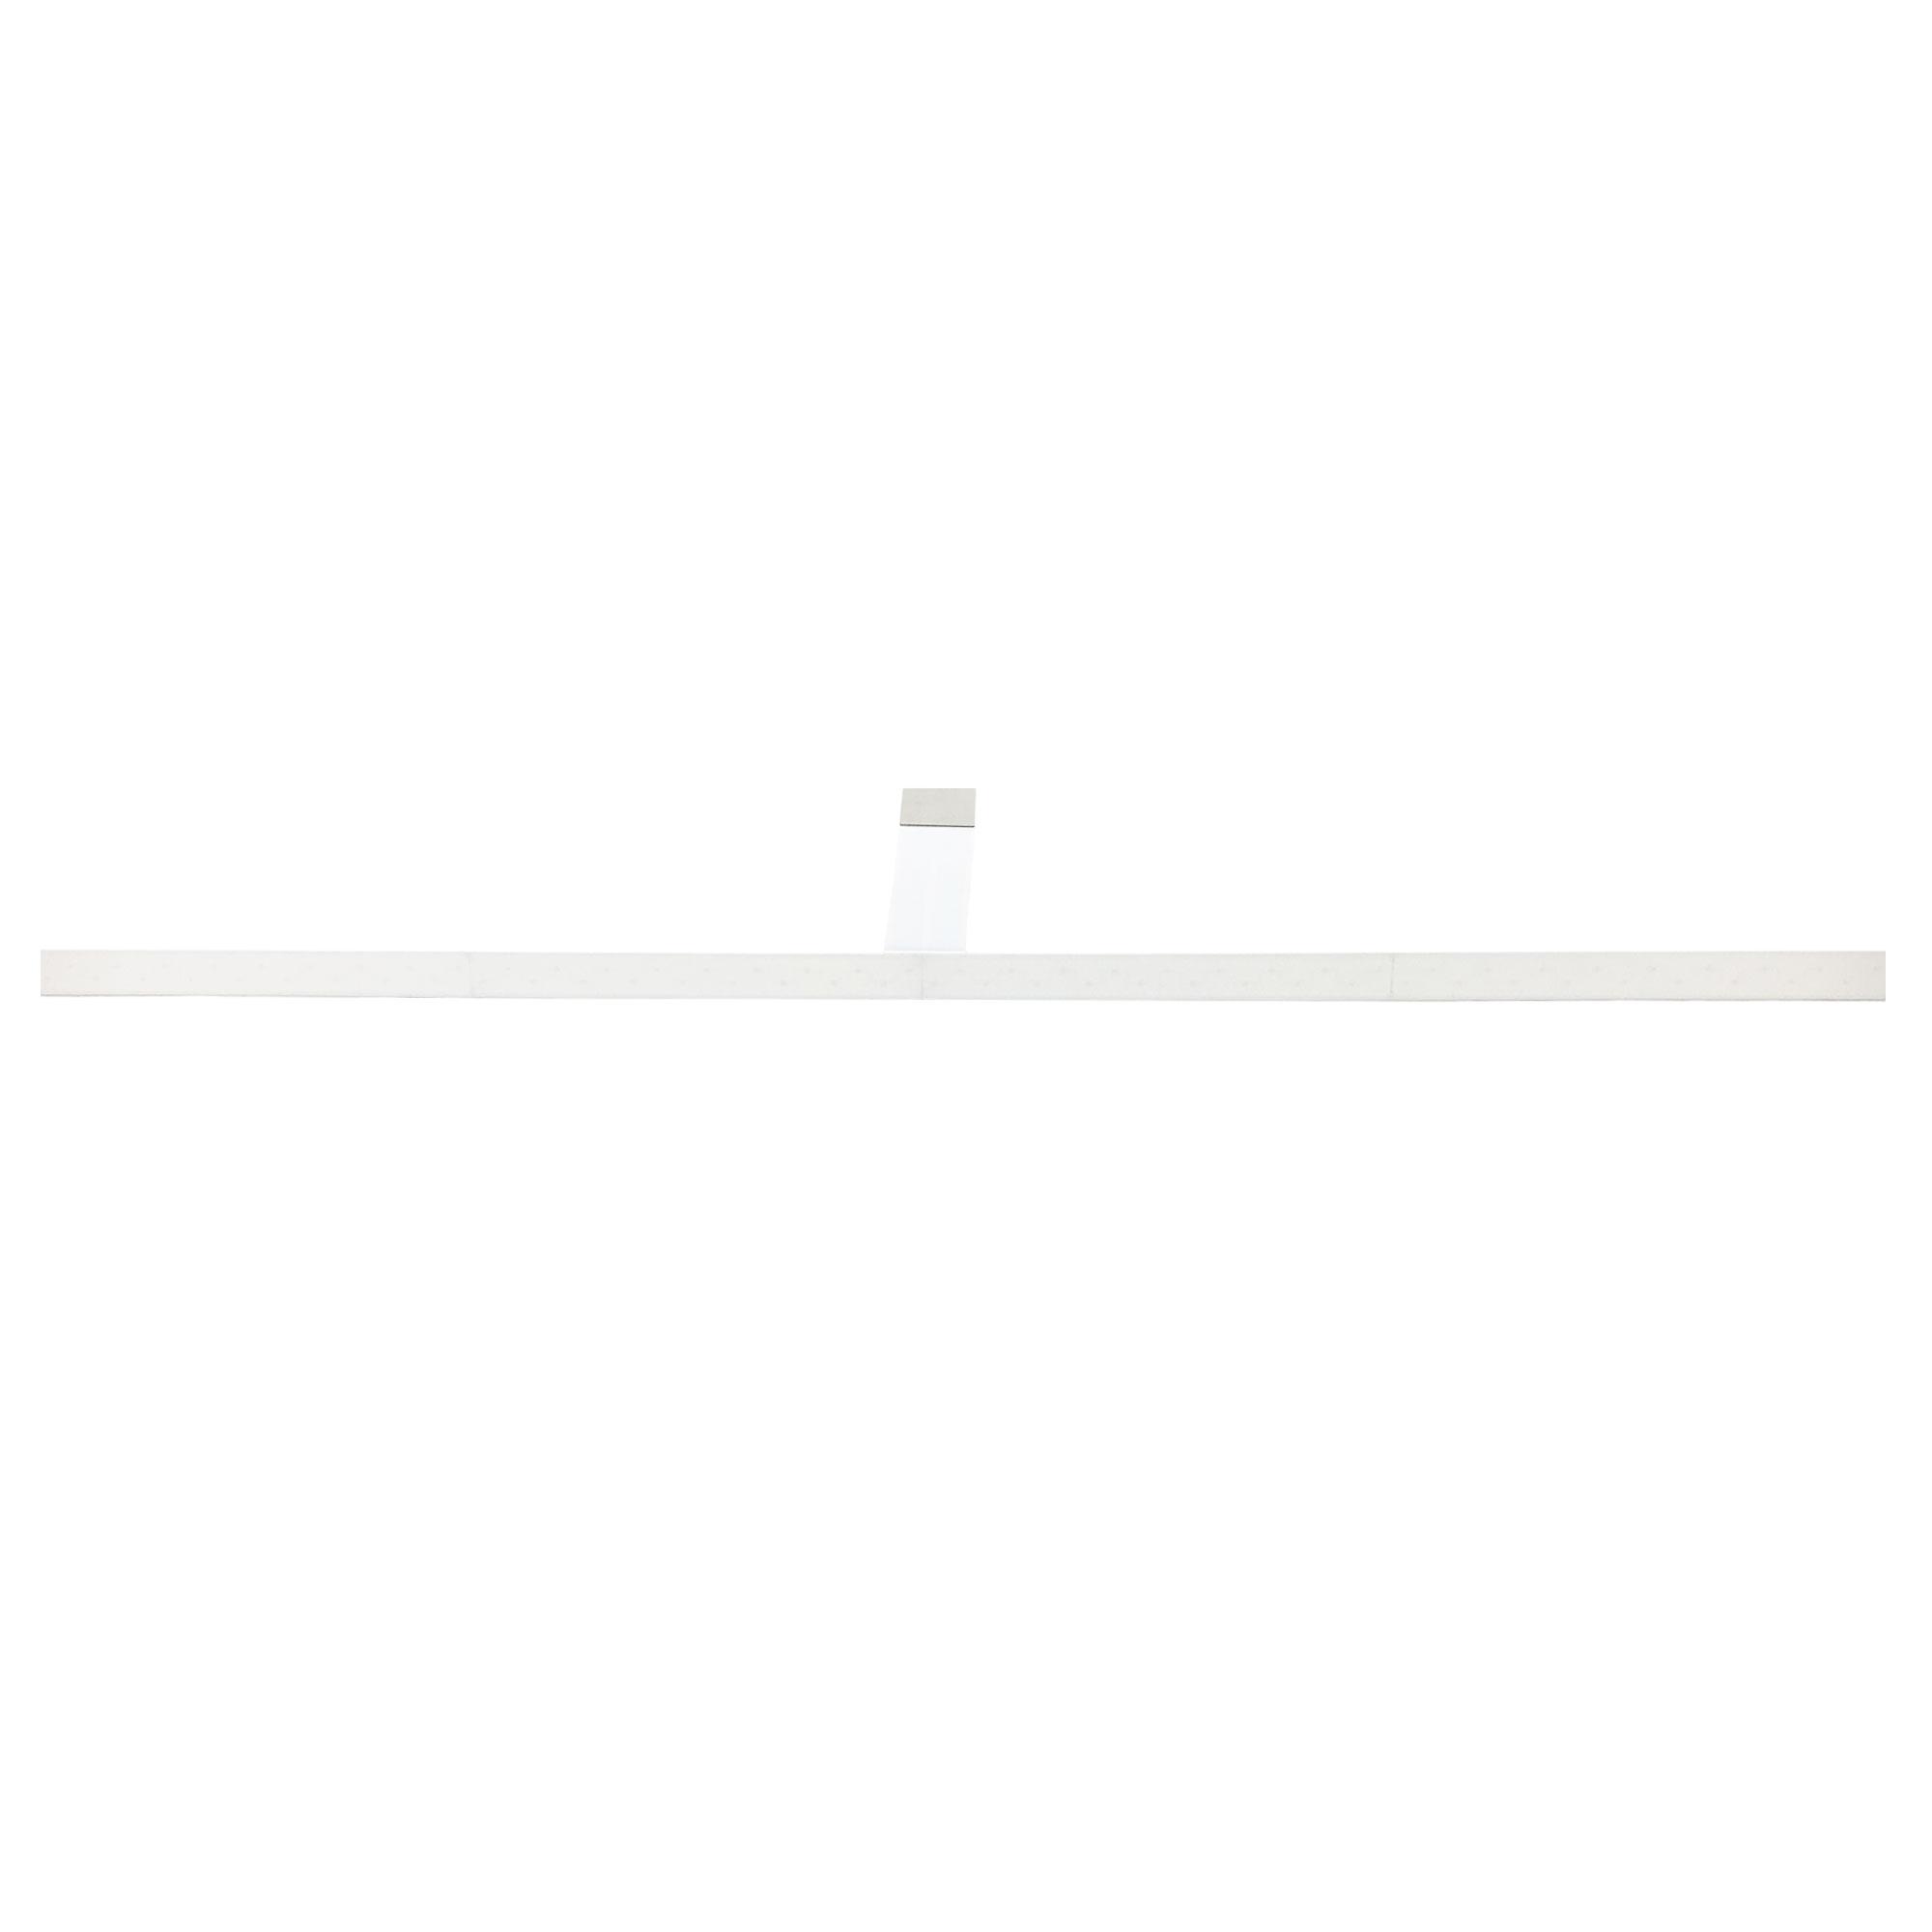 LinearSC24_0.5_001.jpg